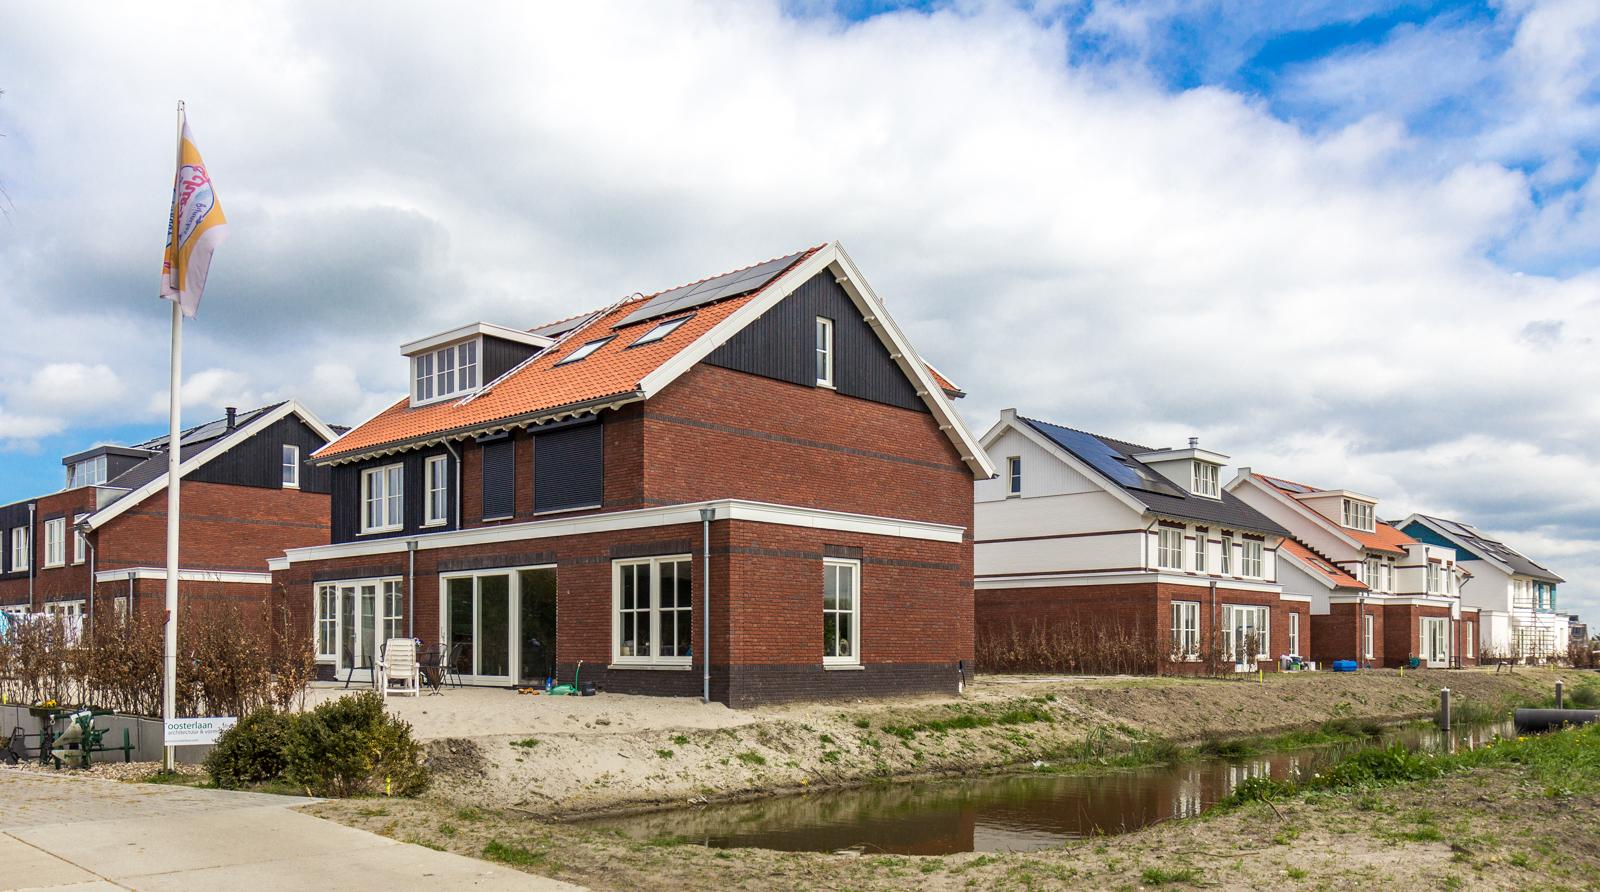 Ackerswoude-Landrijk3-Pijnacker-4322